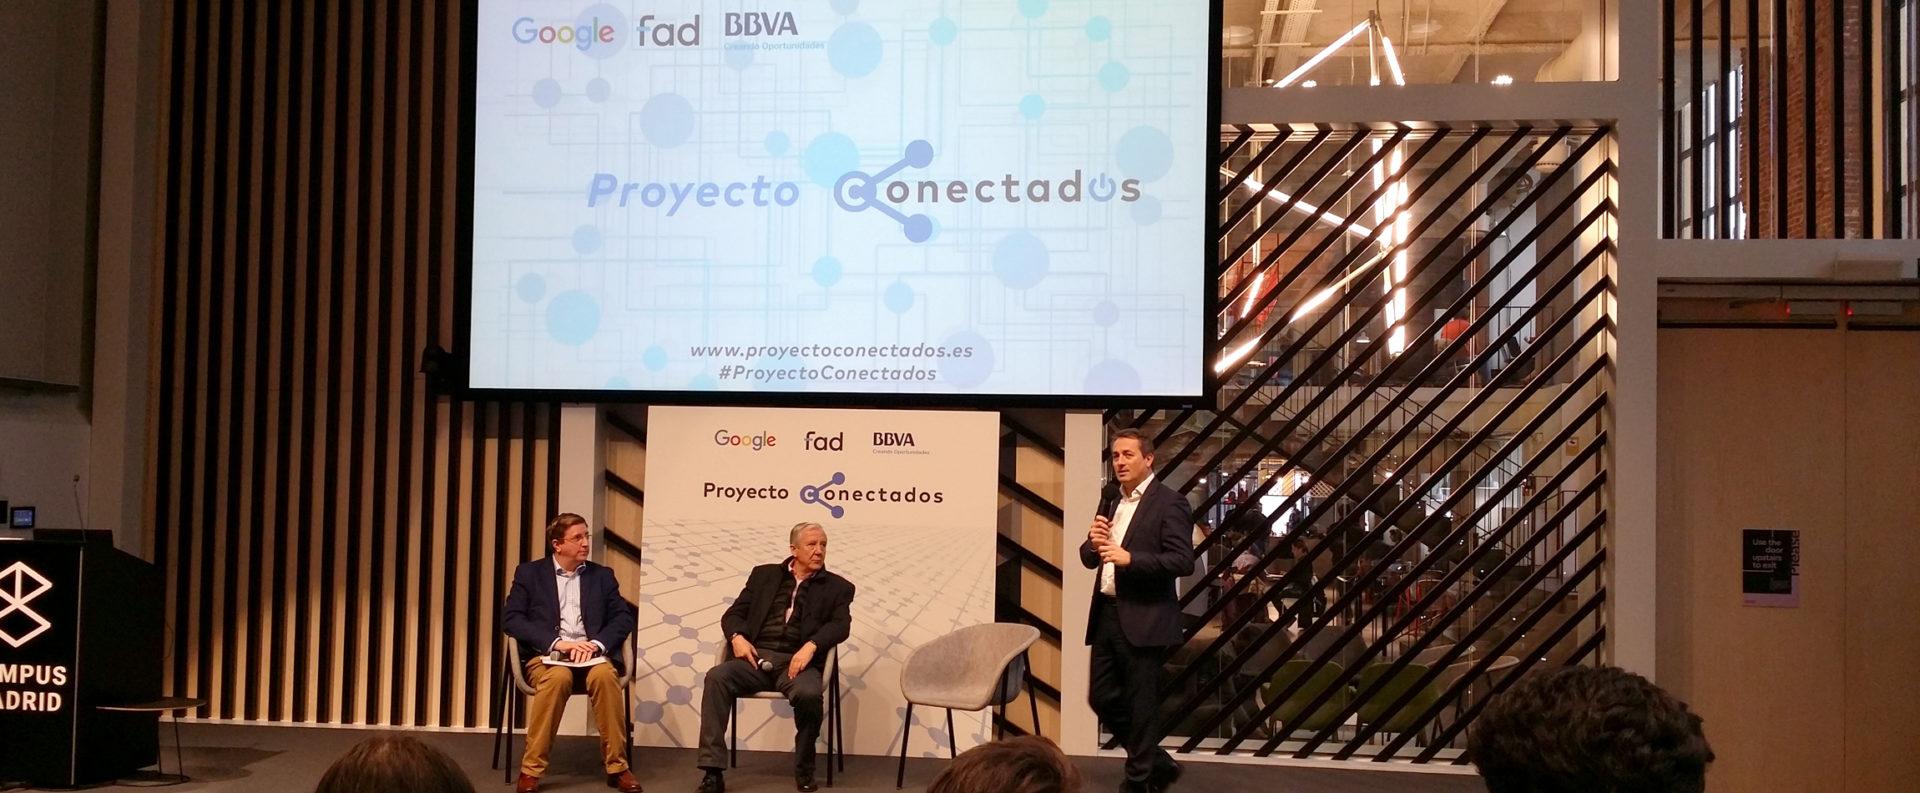 presentación proyecto conectados educación BBVA